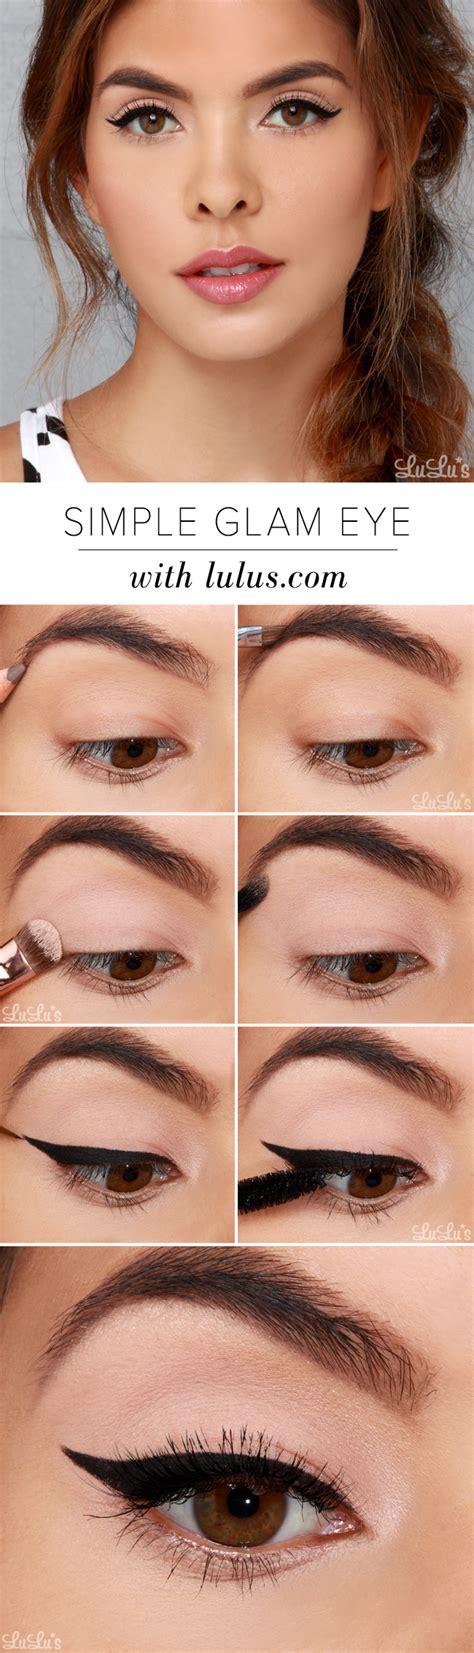 tutorial makeup lulu lulu s how to simple glam eye makeup tutorial lulus com